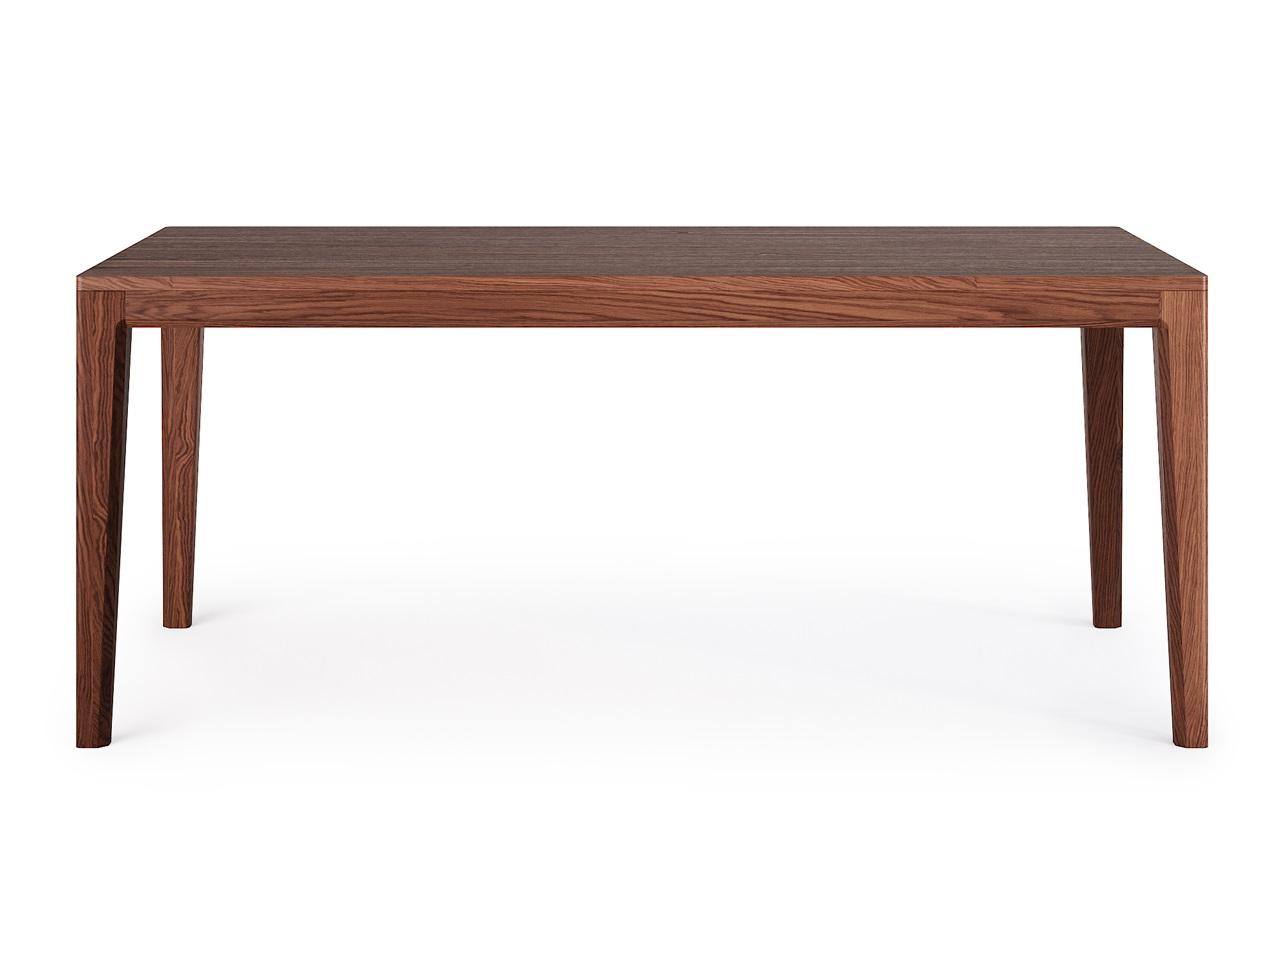 Стол MavisОбеденные столы<br>Обеденный стол MAVIS представляет собой безупречный дизайн, элегантность и универсальность. Благодаря своему внешнему минимализму MAVIS отлично впишется в интерьер кухни, столовой или офиса. Размеры стола рассчитаны на 6-8 персон.&amp;lt;div&amp;gt;&amp;lt;br&amp;gt;&amp;lt;/div&amp;gt;&amp;lt;div&amp;gt;Материал: массив дуба, МДФ, натуральный шпон дуба, лак&amp;lt;br&amp;gt;&amp;lt;/div&amp;gt;<br><br>Material: Дуб<br>Ширина см: 180<br>Высота см: 75<br>Глубина см: 90